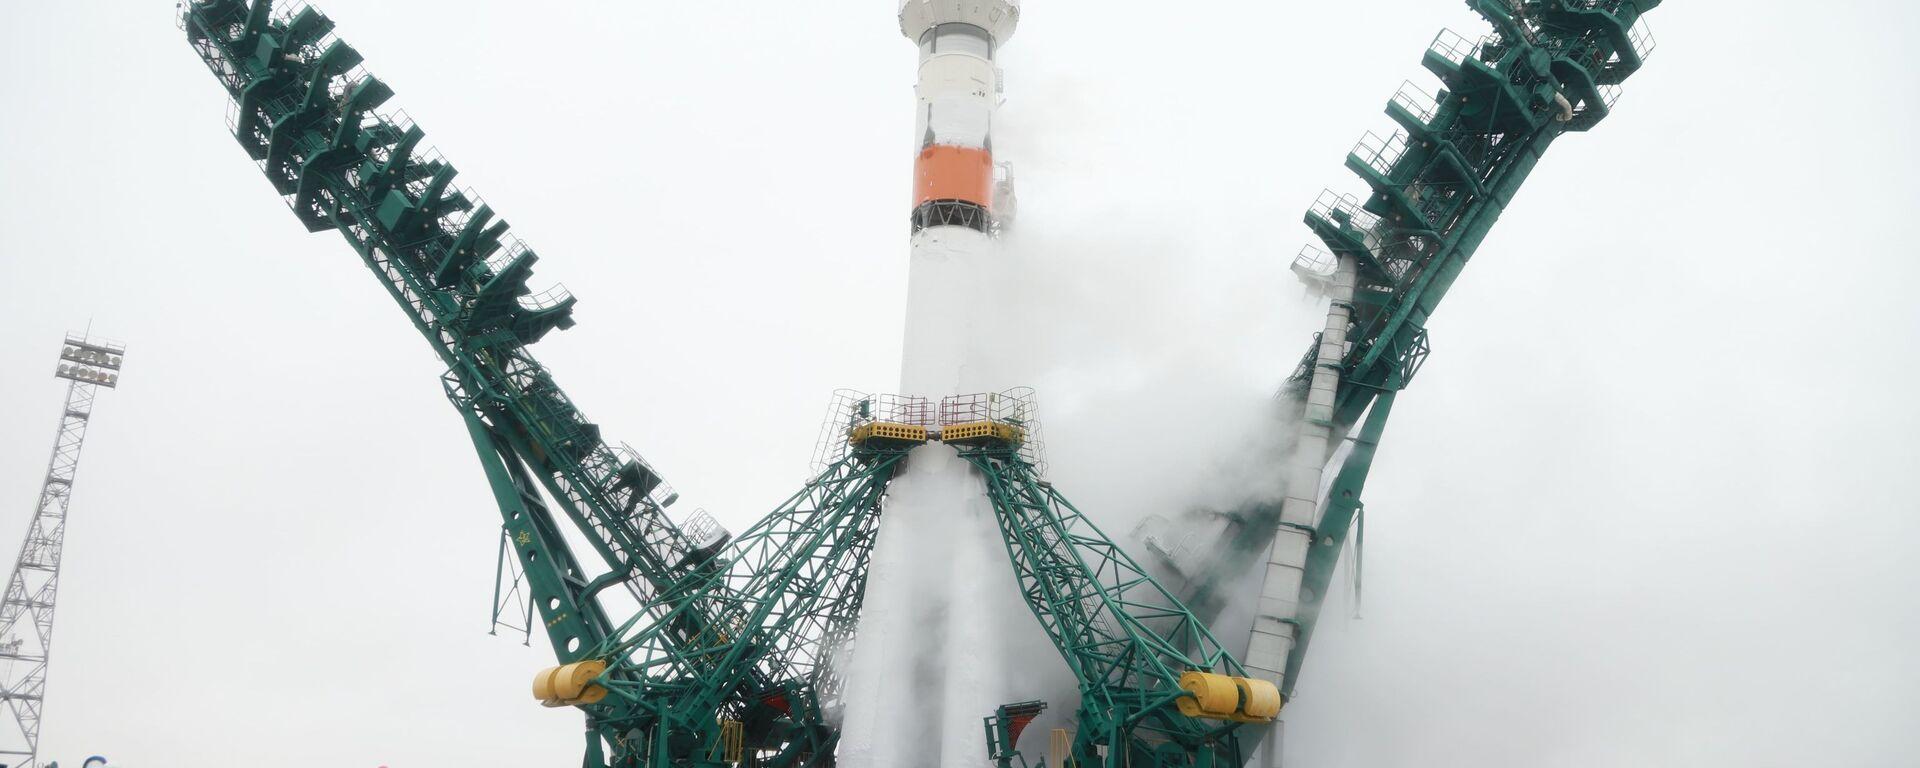 """Lansiranje """"Sojuza 2.1b"""" sa svemirskom letelicom """"Arktika M"""" - Sputnik Srbija, 1920, 15.09.2021"""